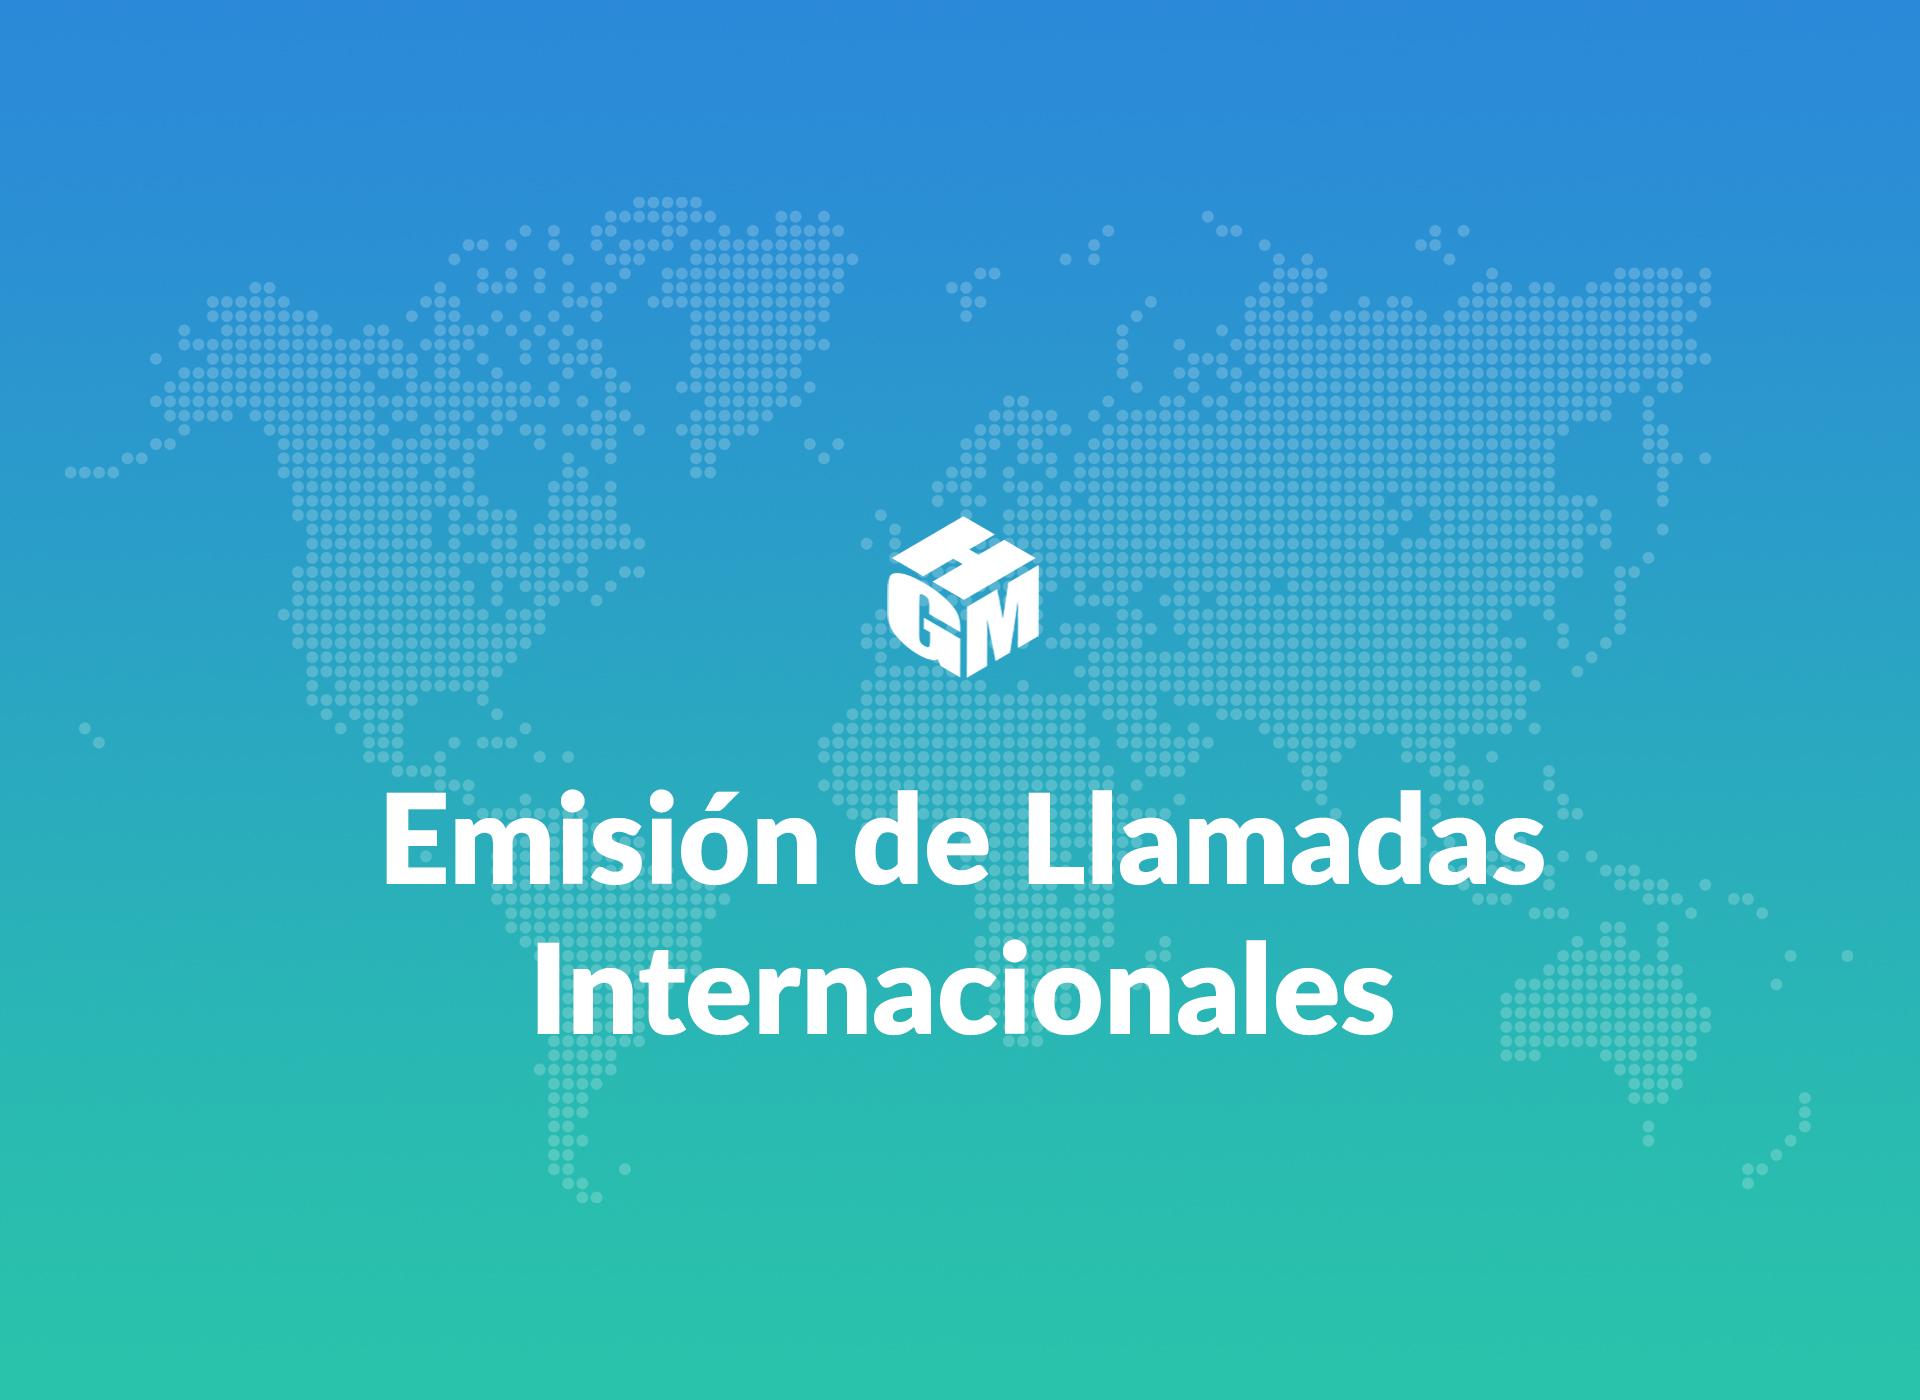 Emisión de Llamadas Internacionales